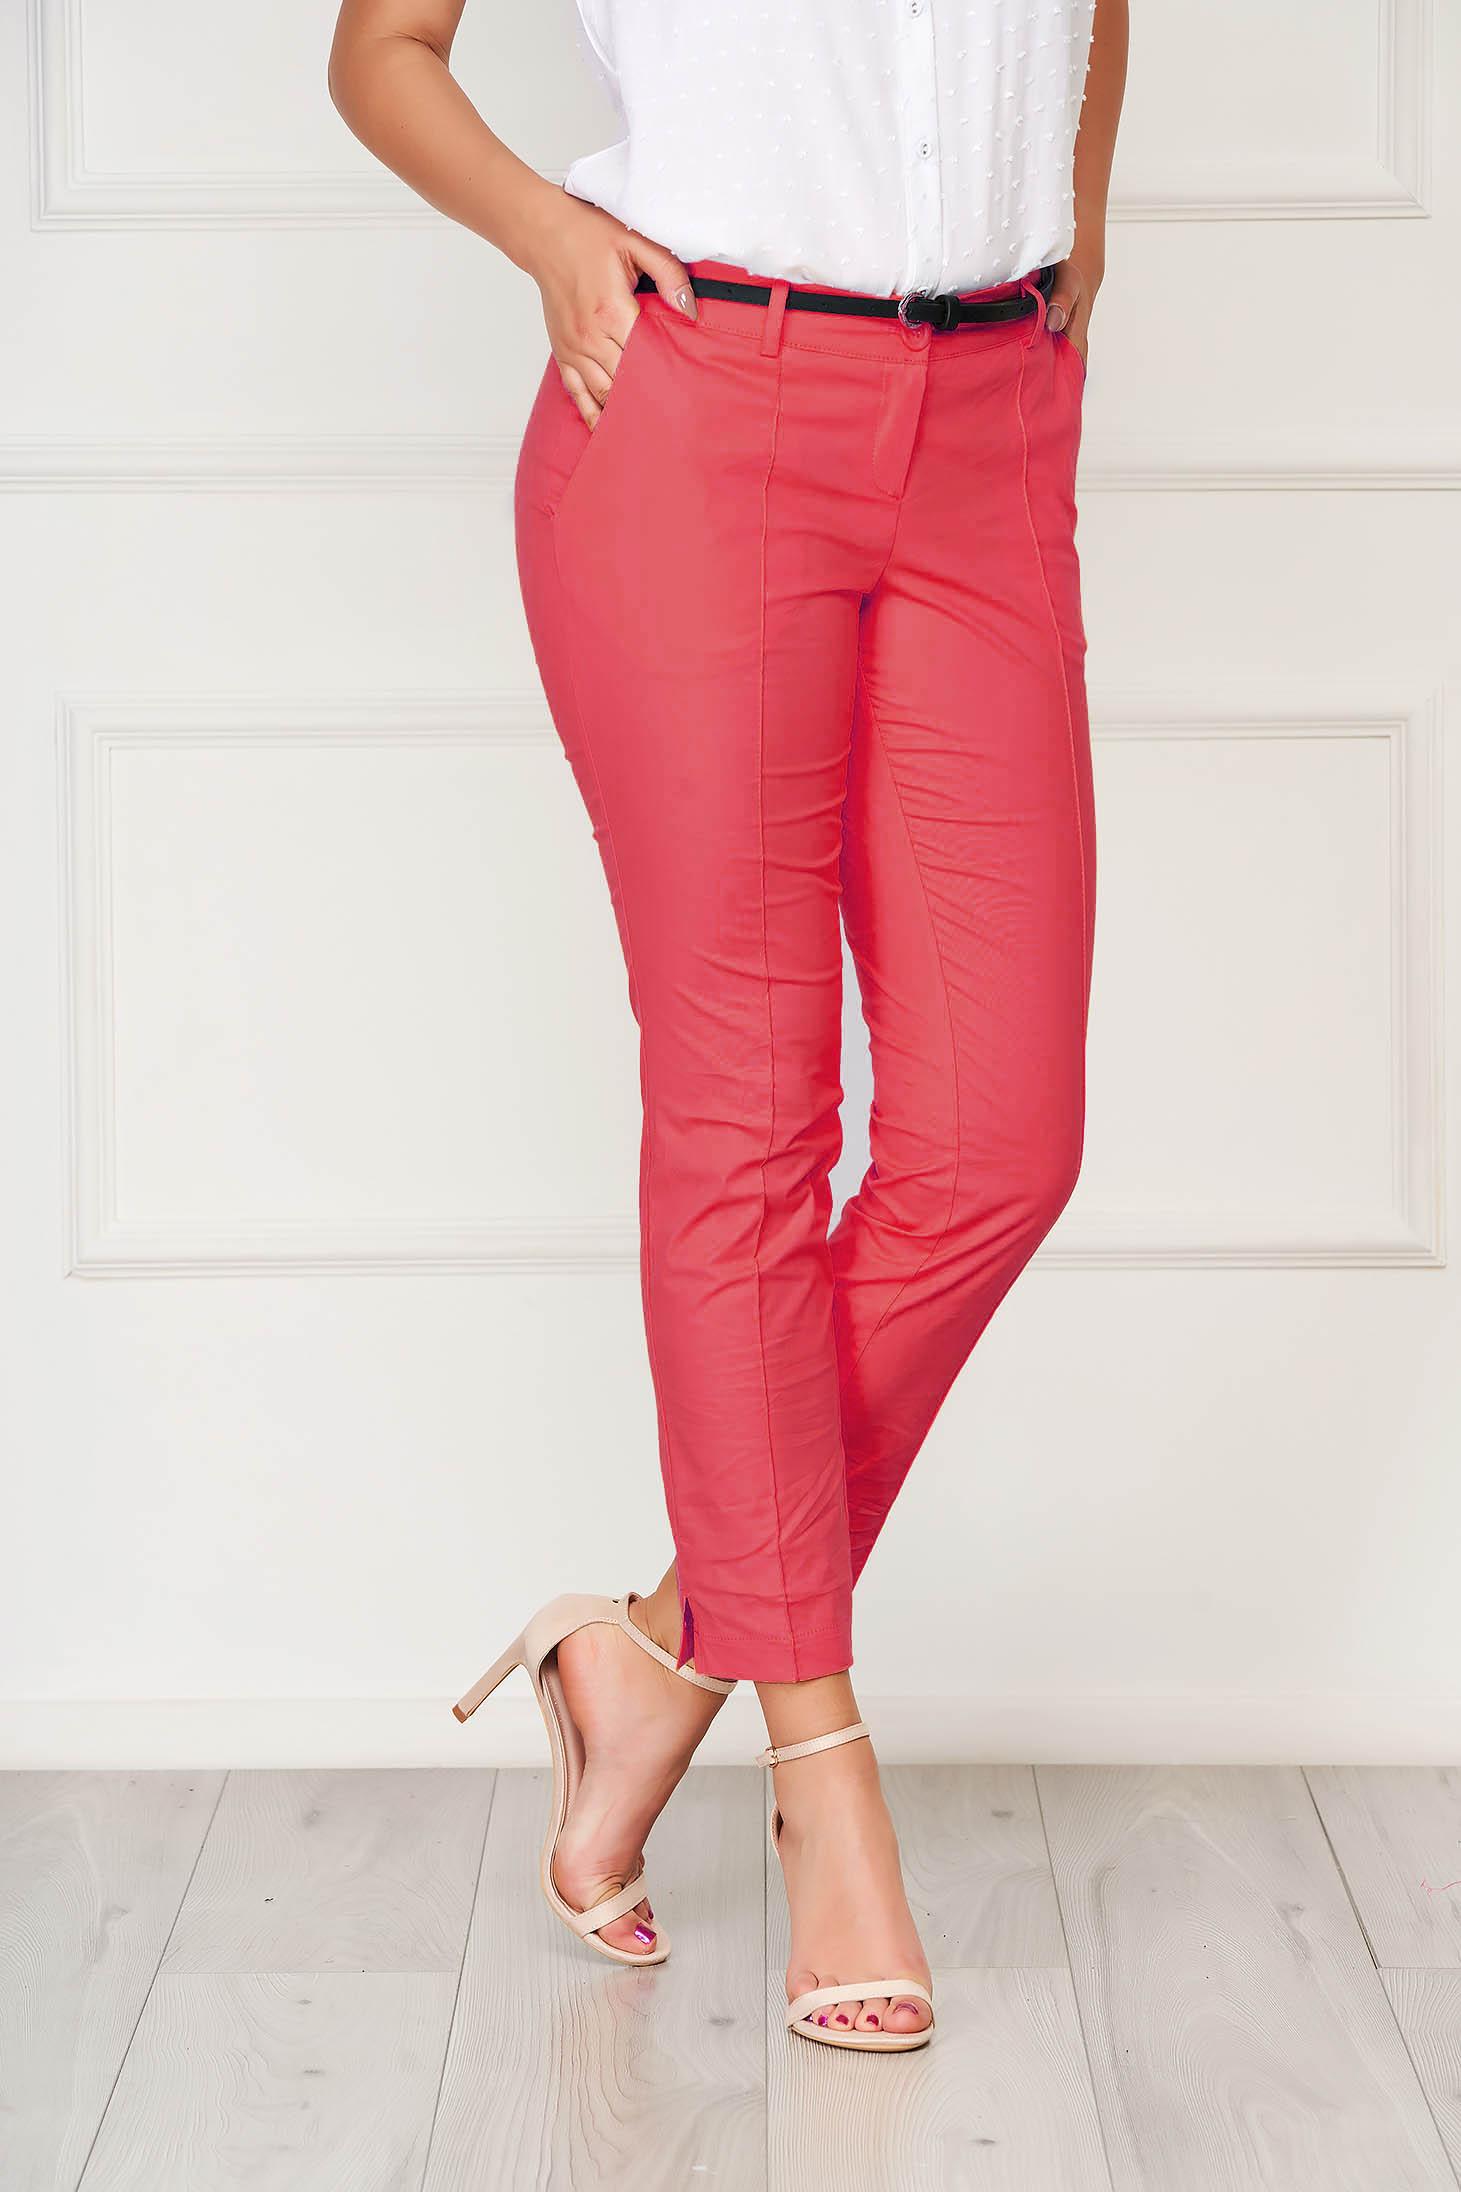 Pantaloni Artista roz office conici din bumbac cu buzunare